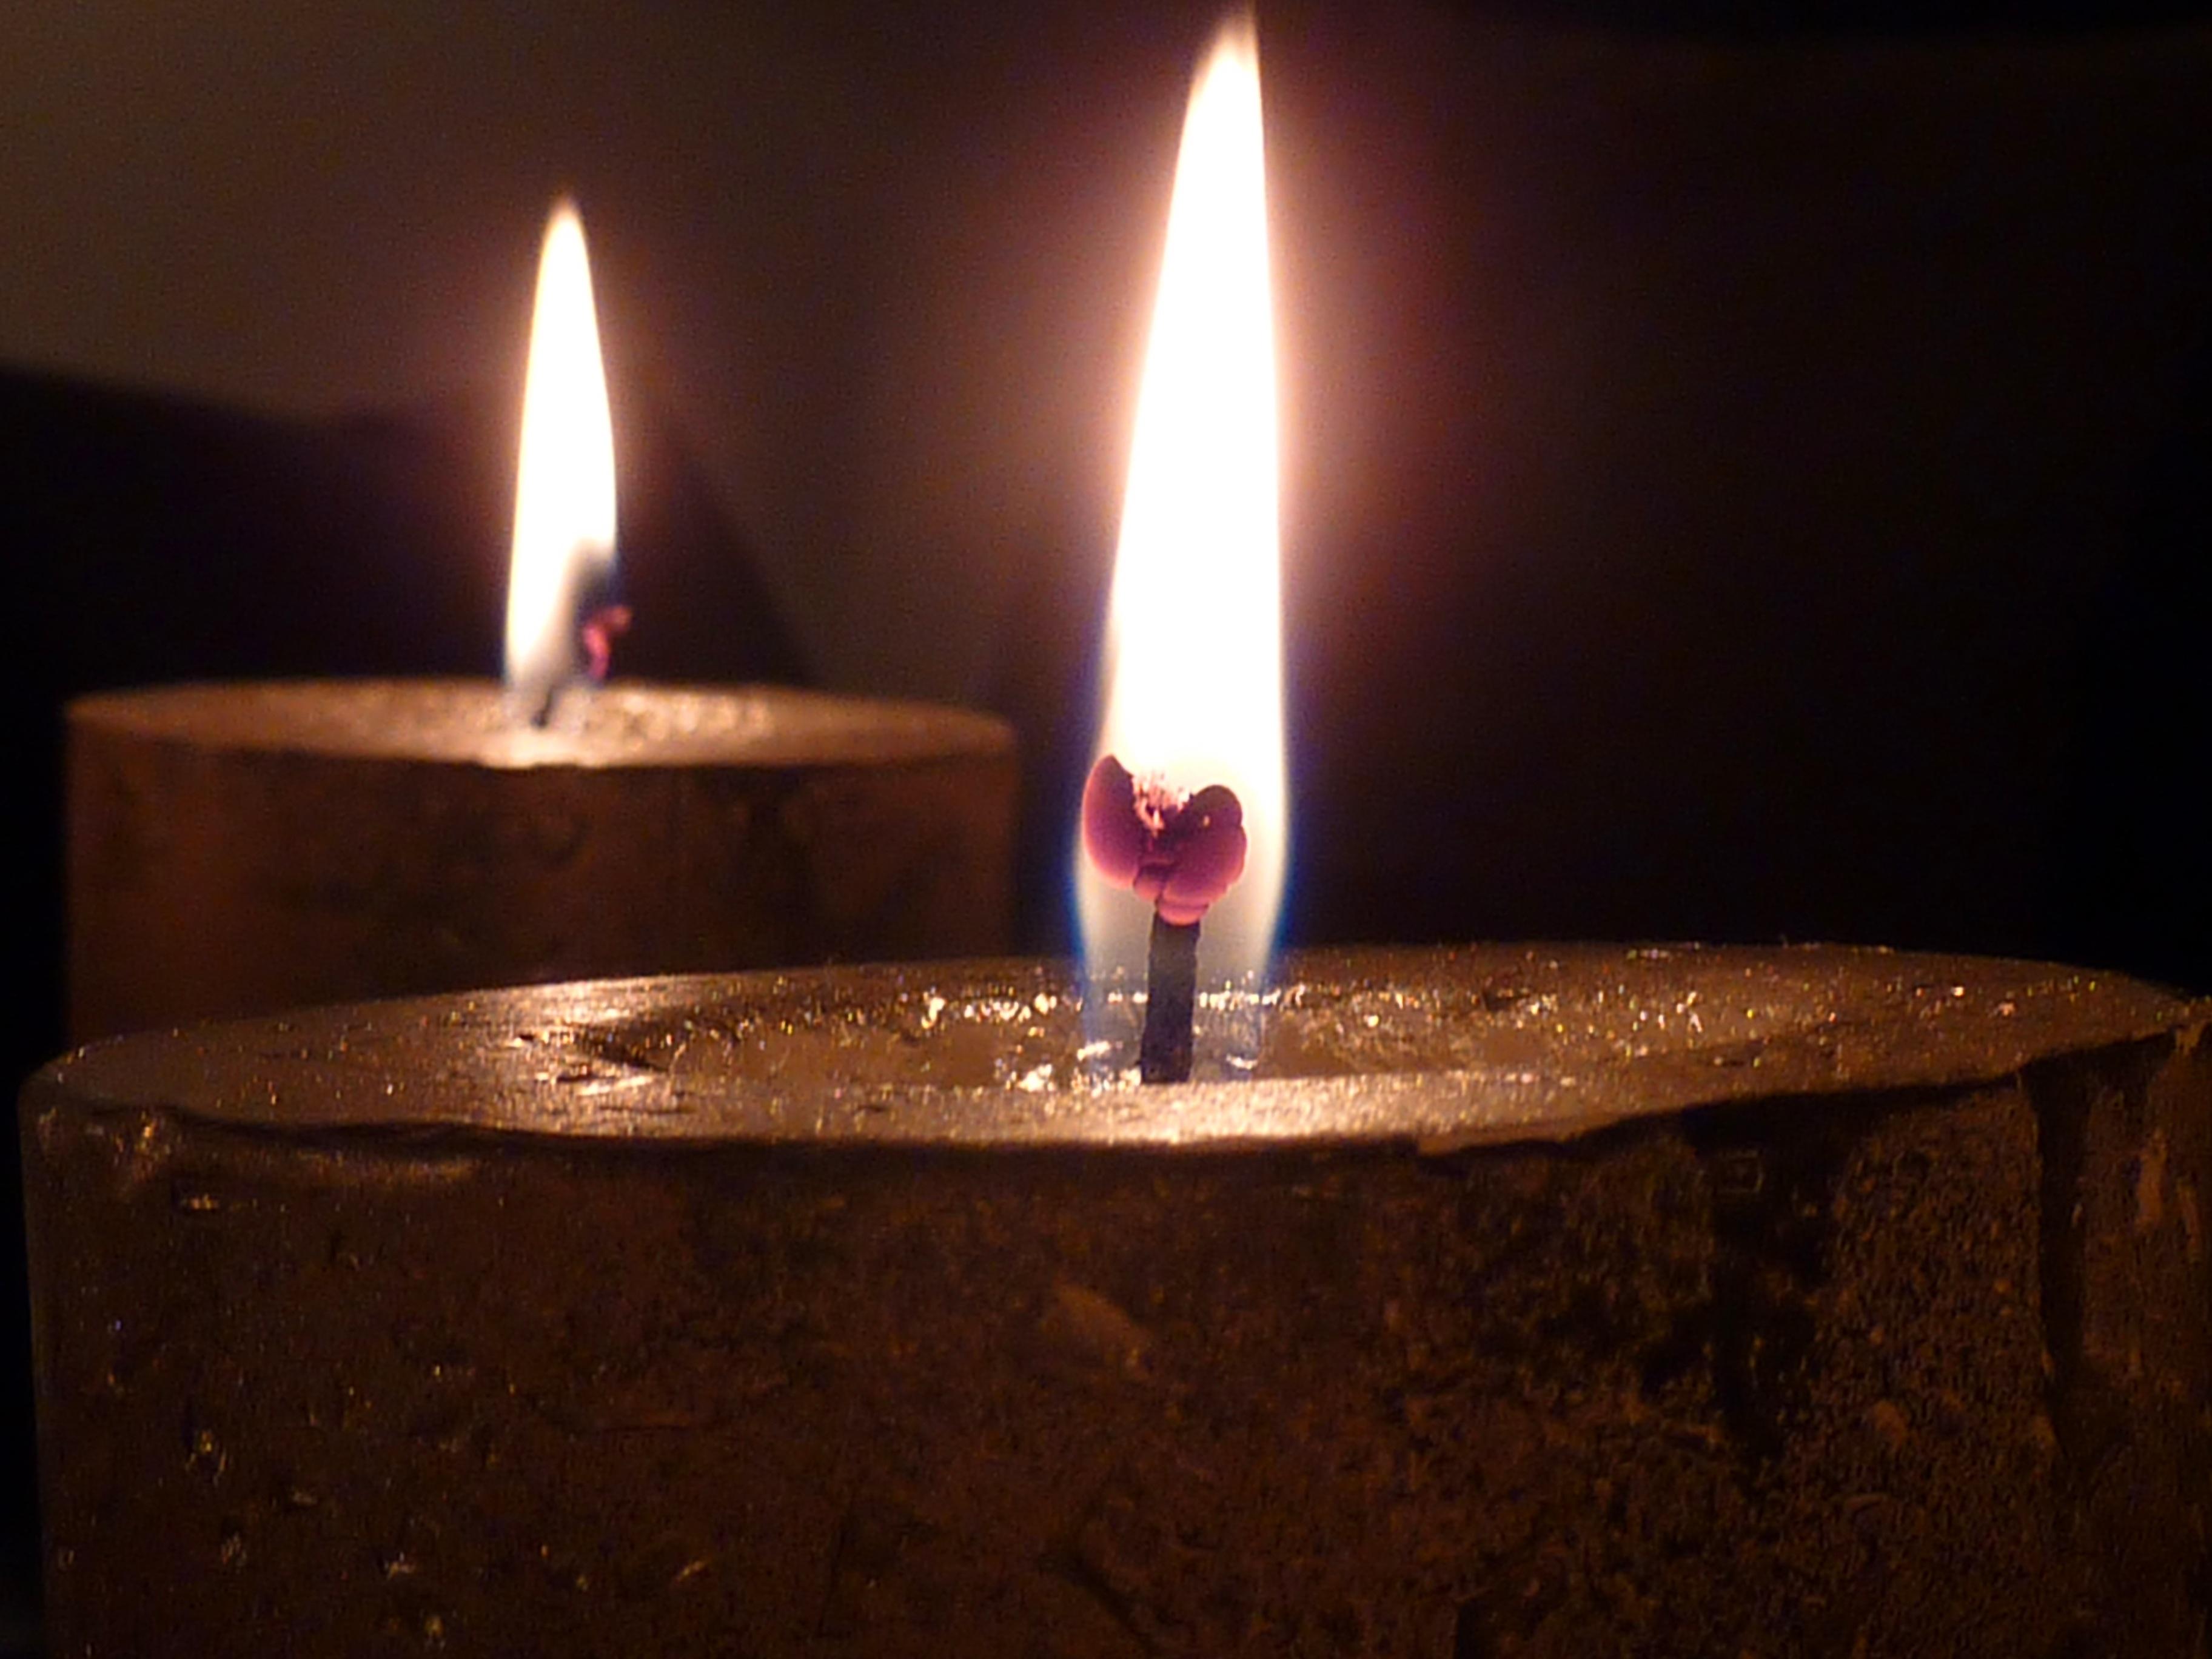 спортзале картинка свеча горит водой доживает